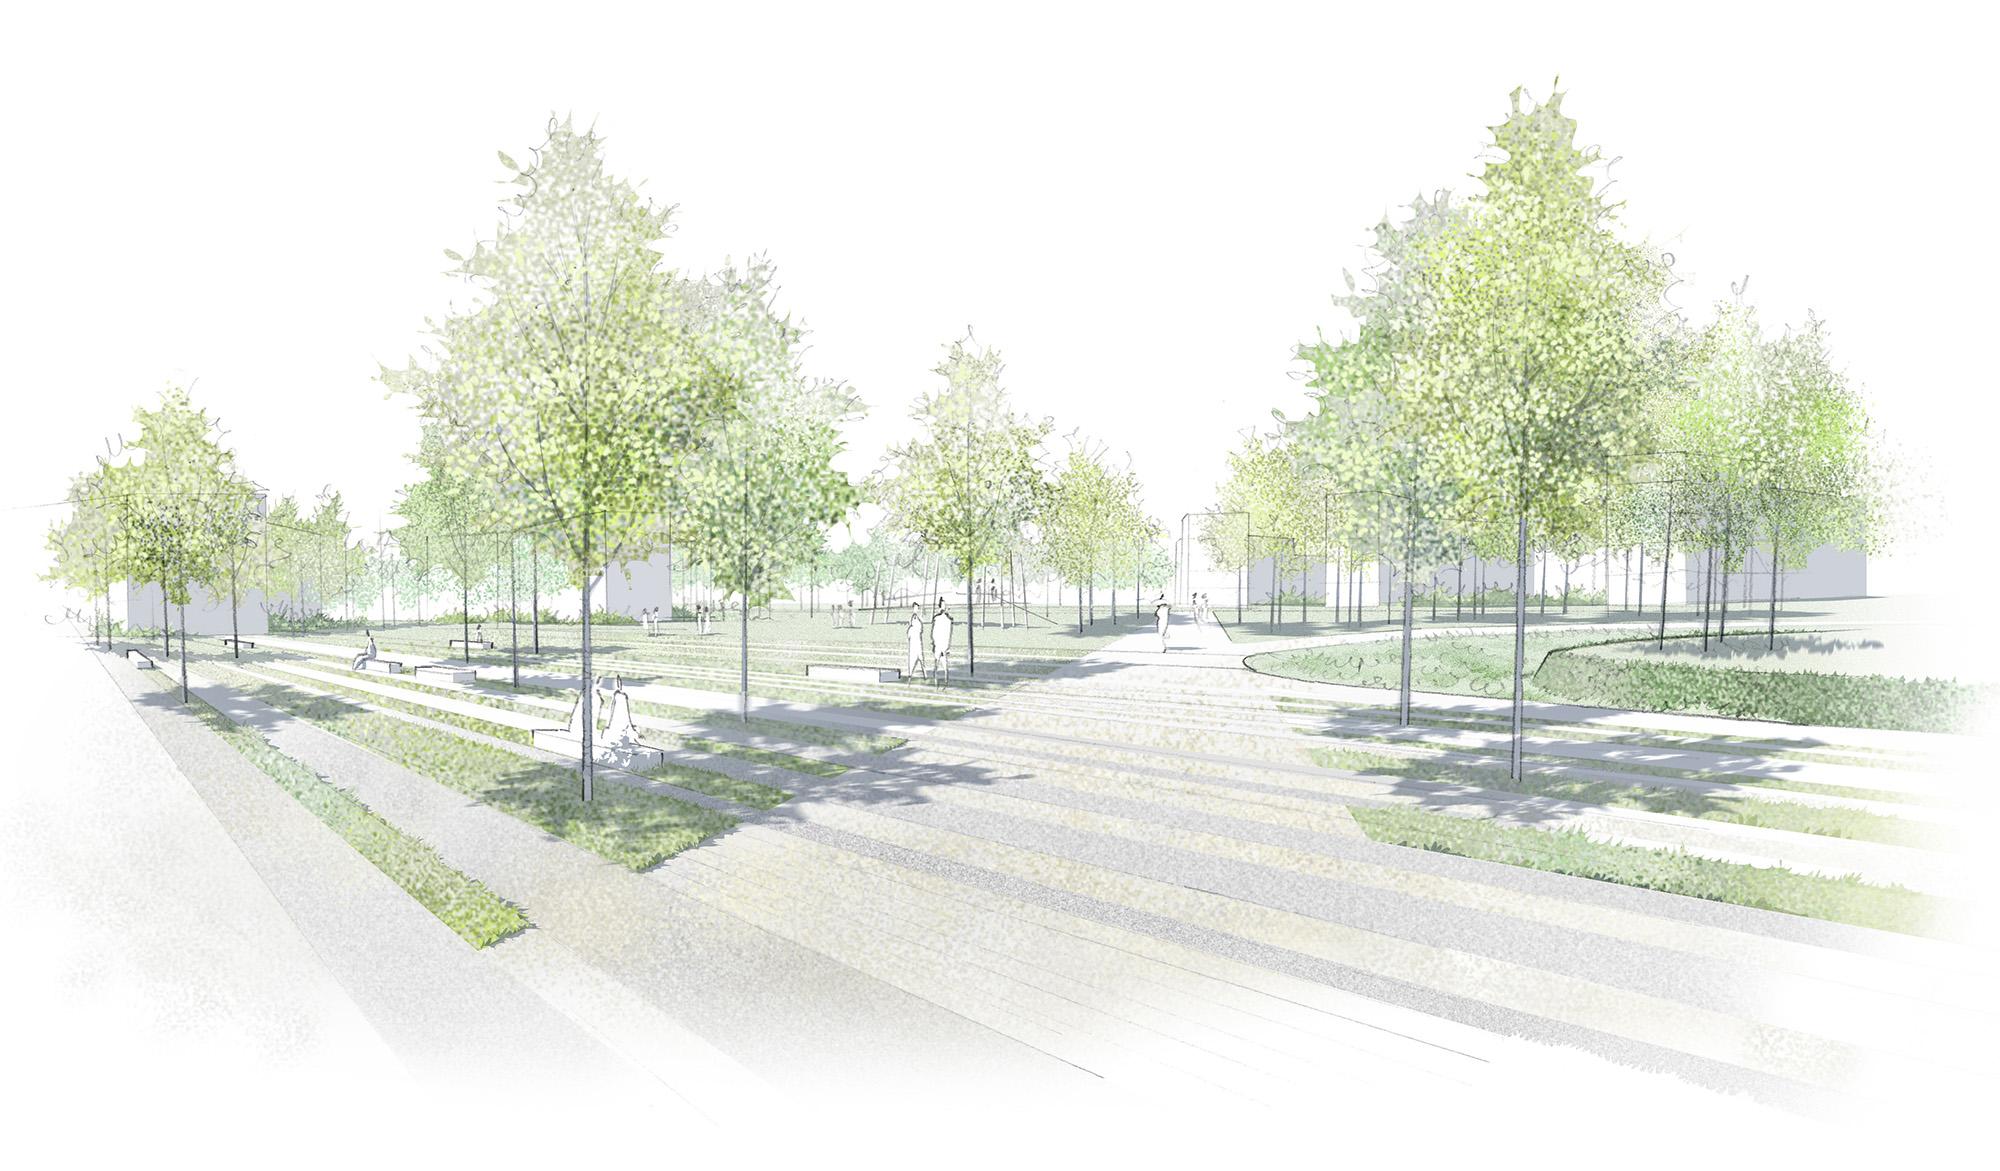 Seuils et espaces de transition du parc Vanderbilt situé sur l'écopole à Carrières sous Poissy